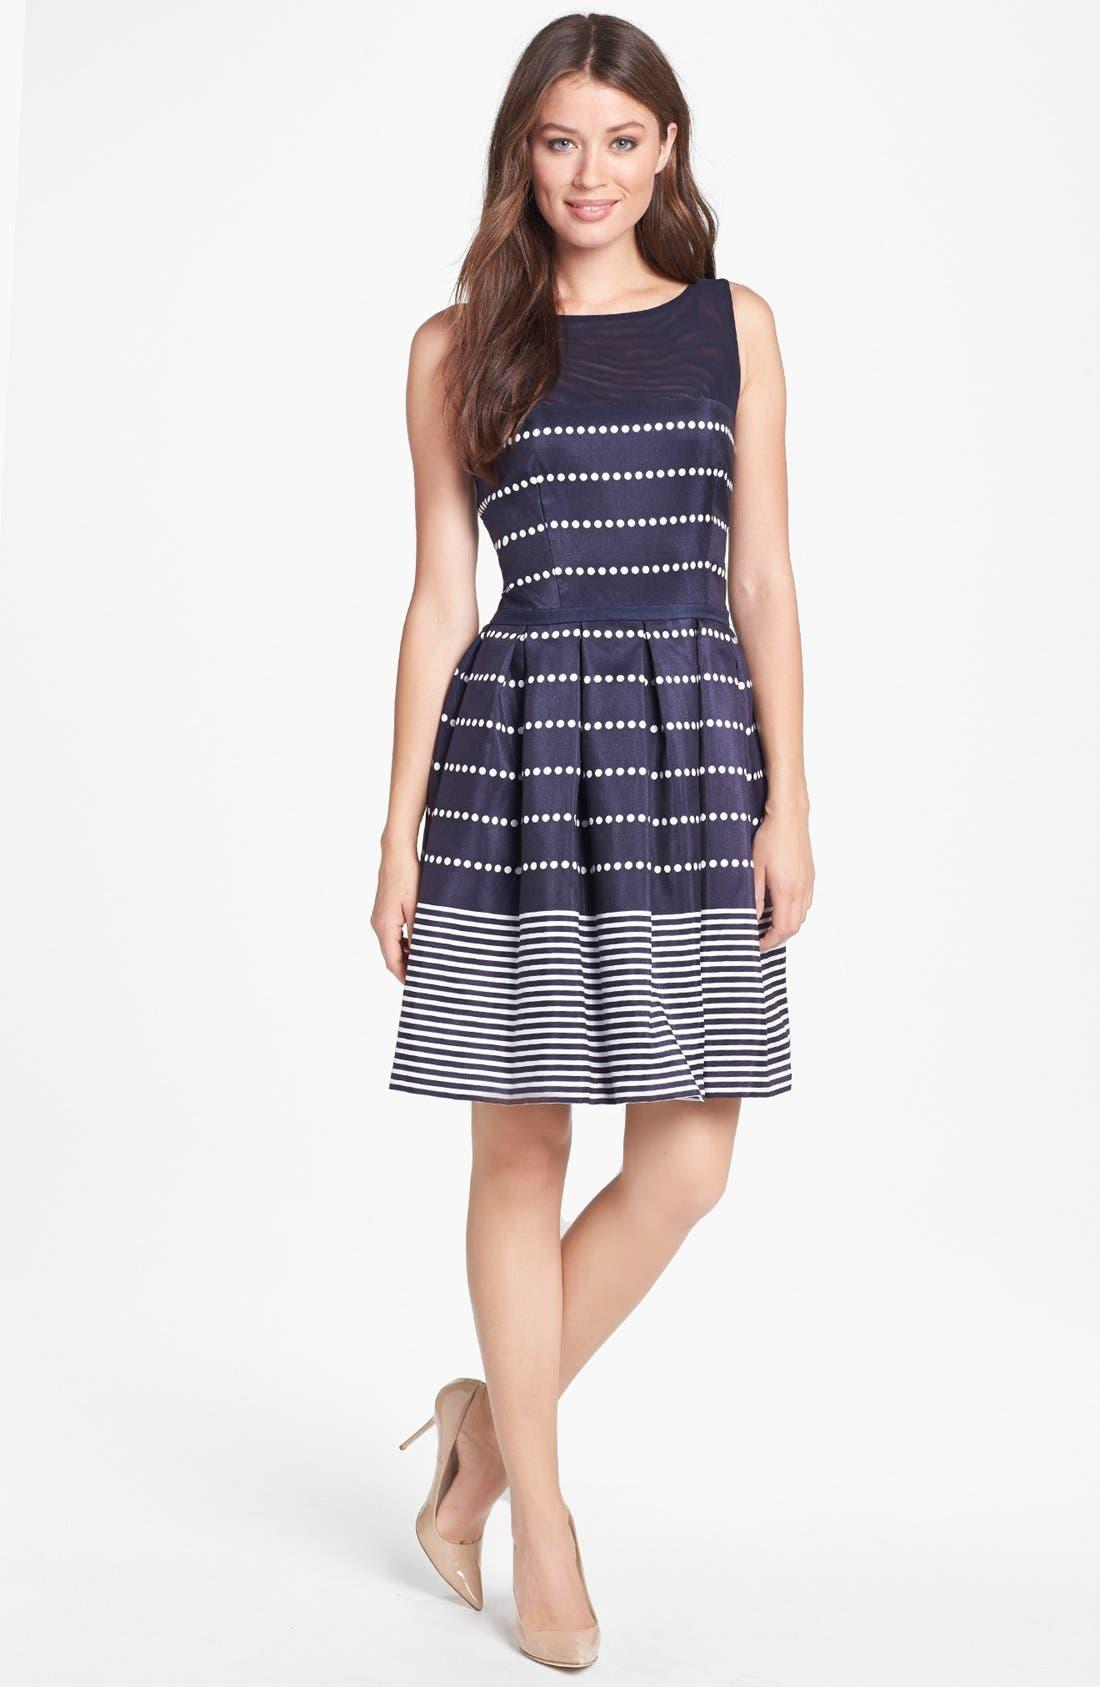 Alternate Image 1 Selected - Taylor Dresses Polka Dot Stripe Fit & Flare Dress